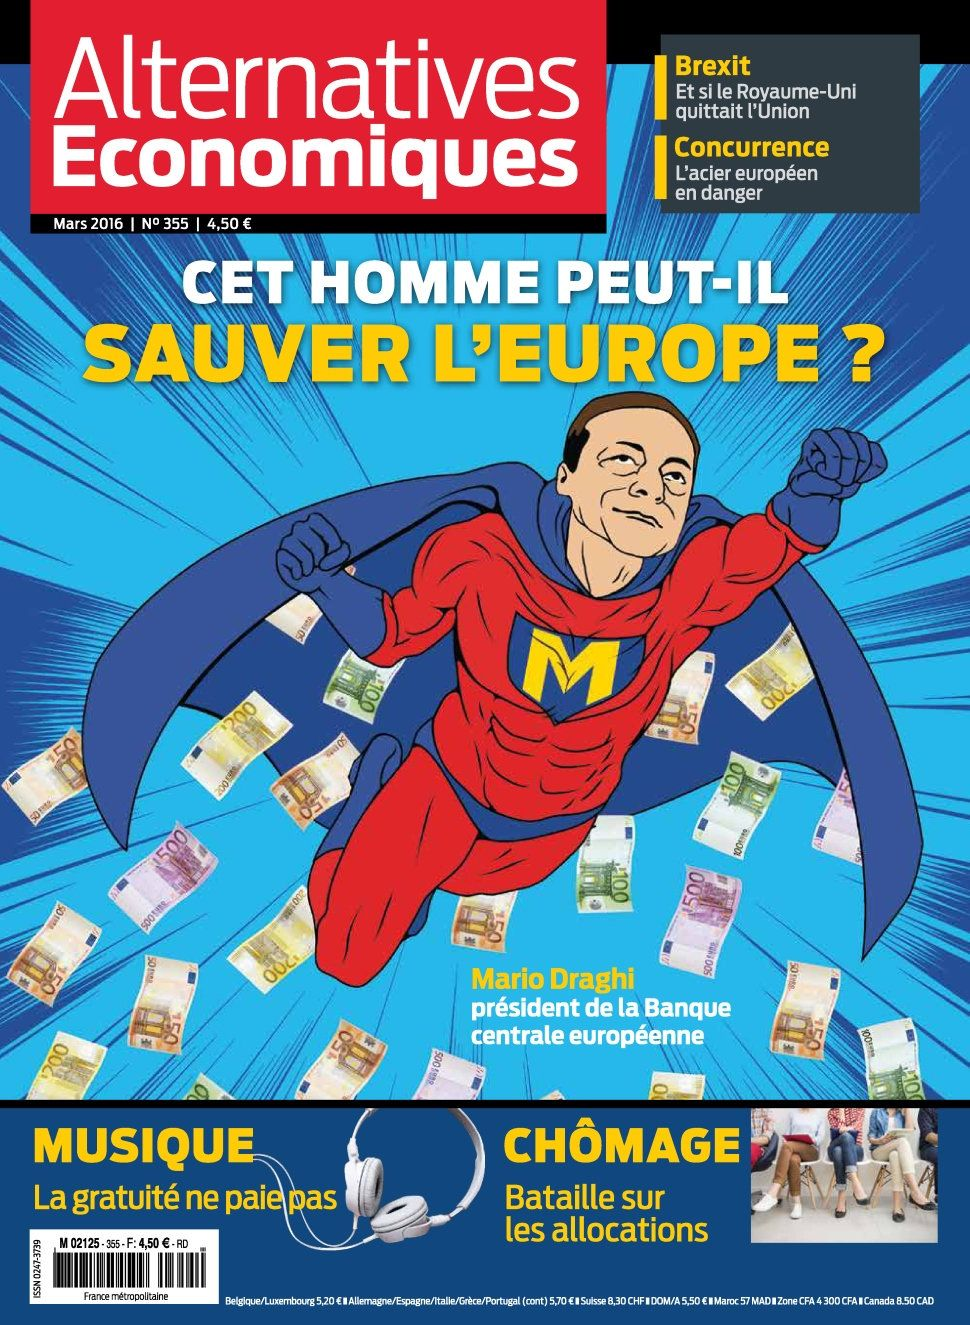 Alternatives Économiques 355 - Mars 2016